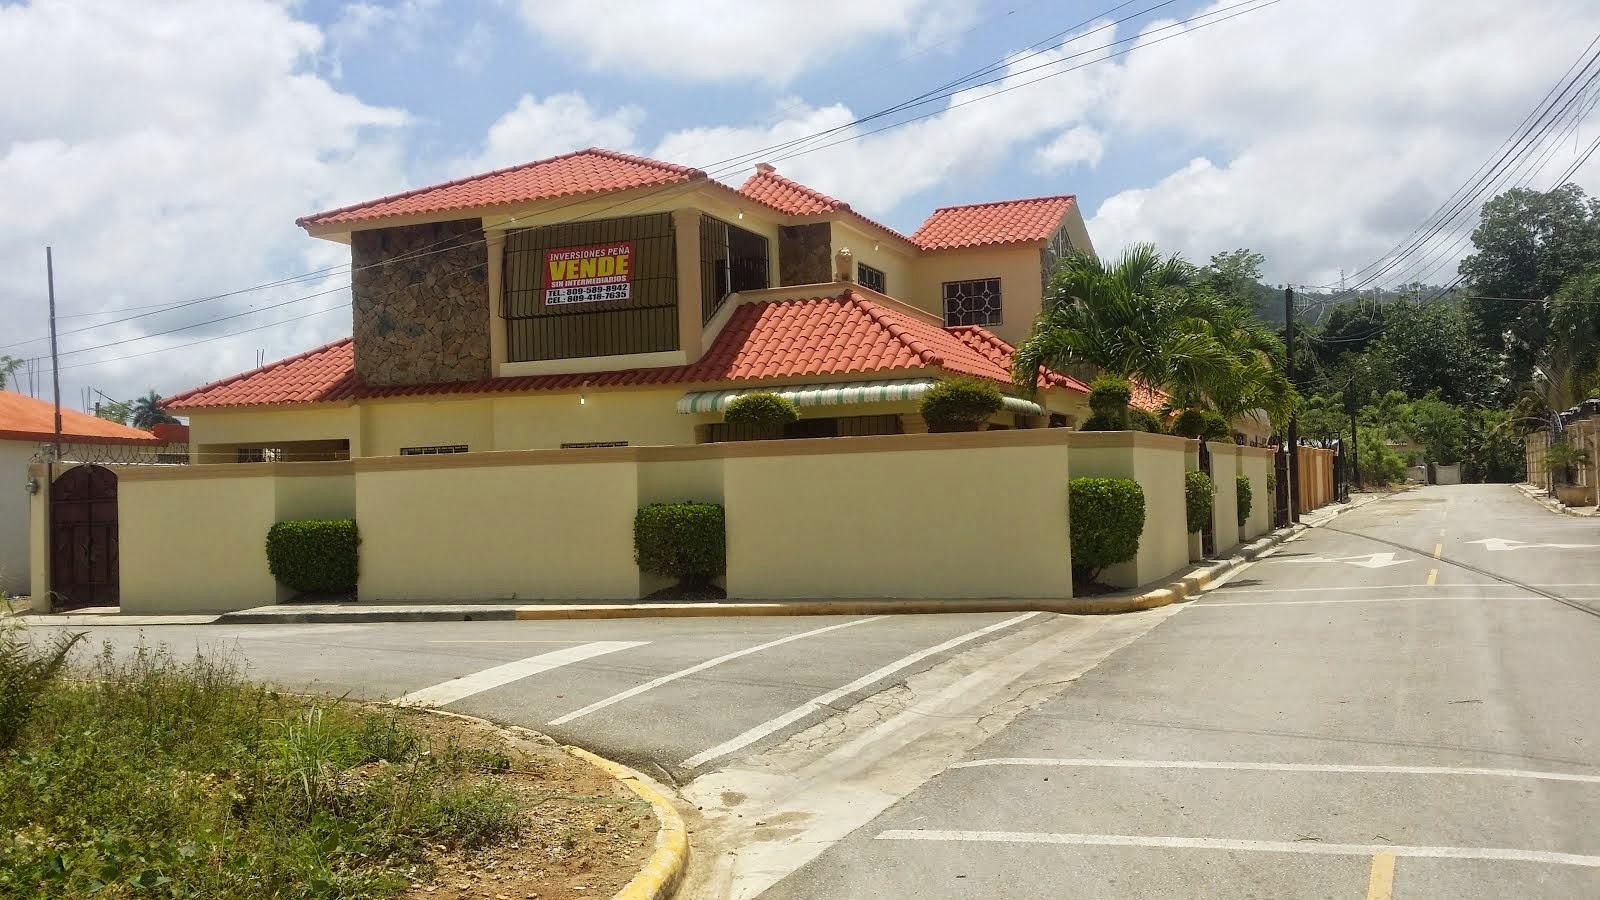 Exc. residencia, se vende en el municipio de El Factor, Nagua